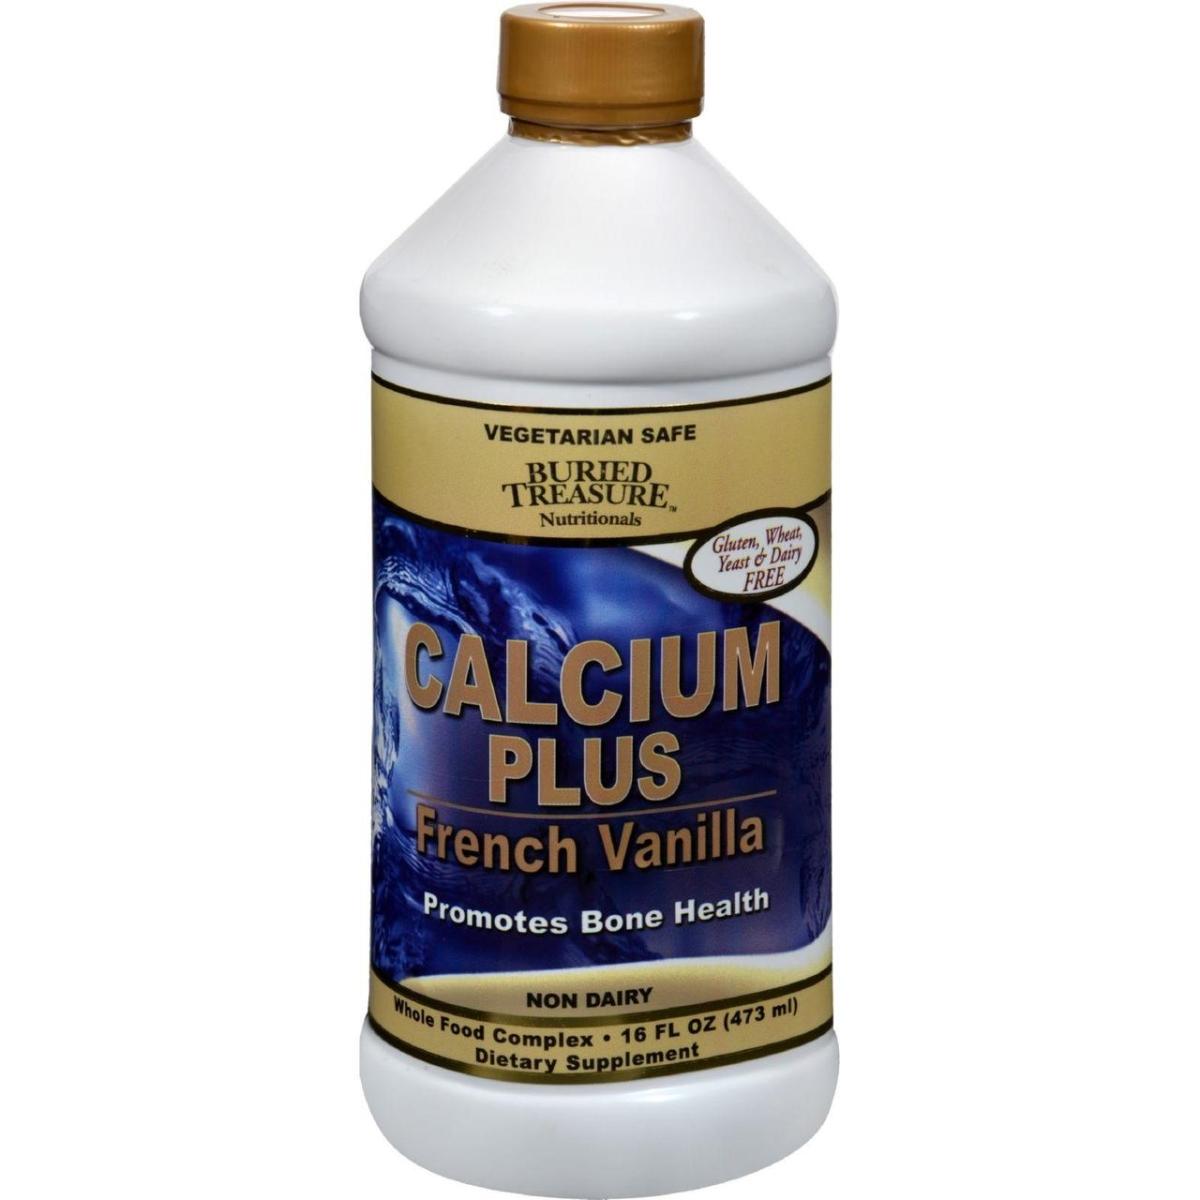 Buried Treasure HG0213587 16 fl oz Calcium Plus French Vanilla